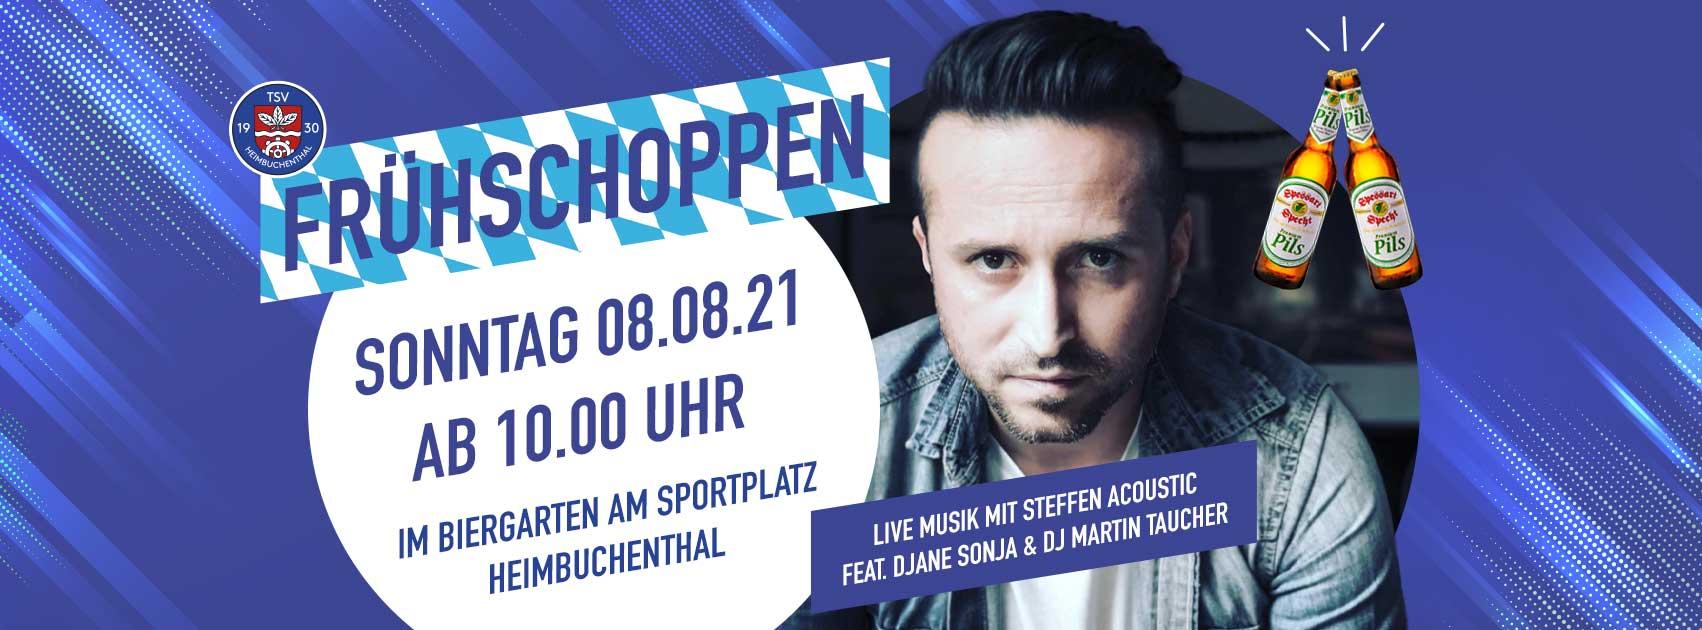 TSV Heimbuchenthal Frühschoppen mit Brunner Acoustik